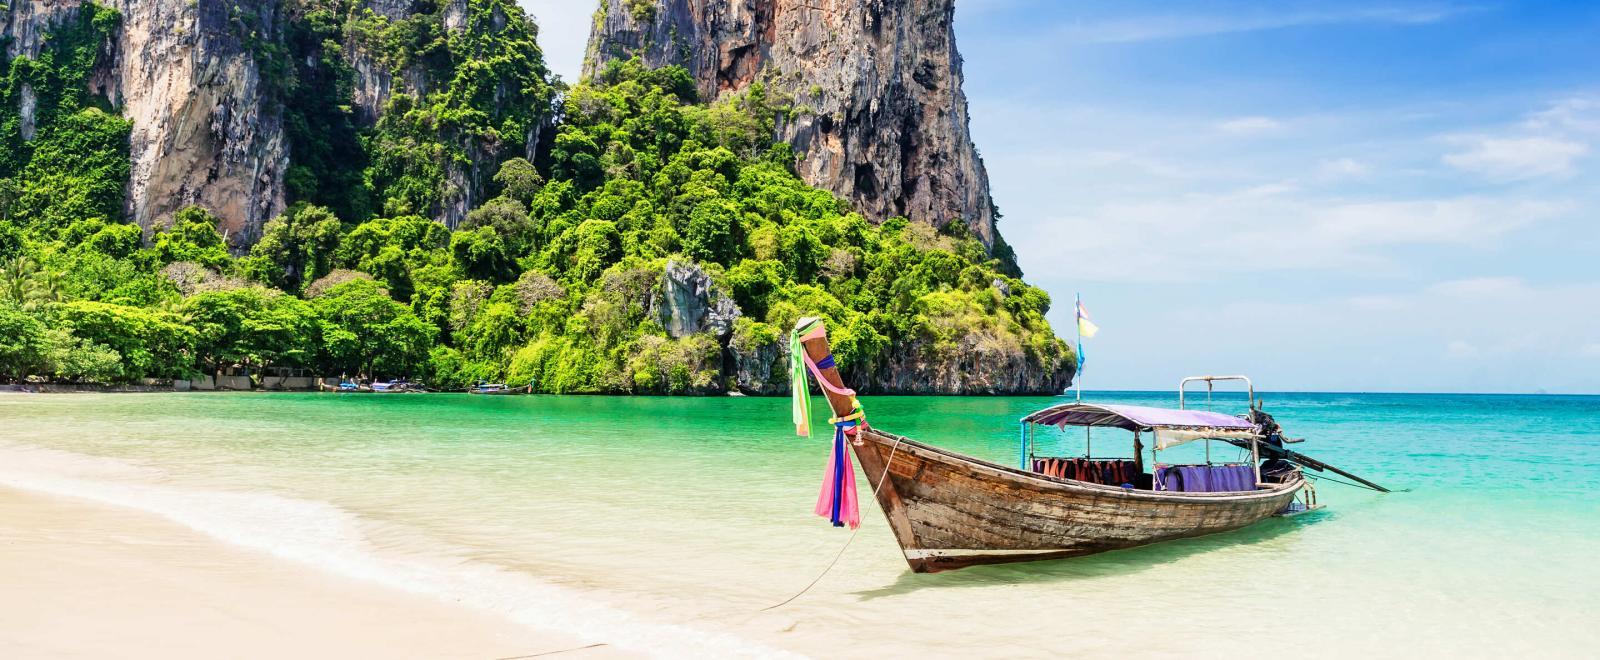 Pendant le Circuit Découverte en Thaîlande, vous visiterez les plus belles plages en bateau.